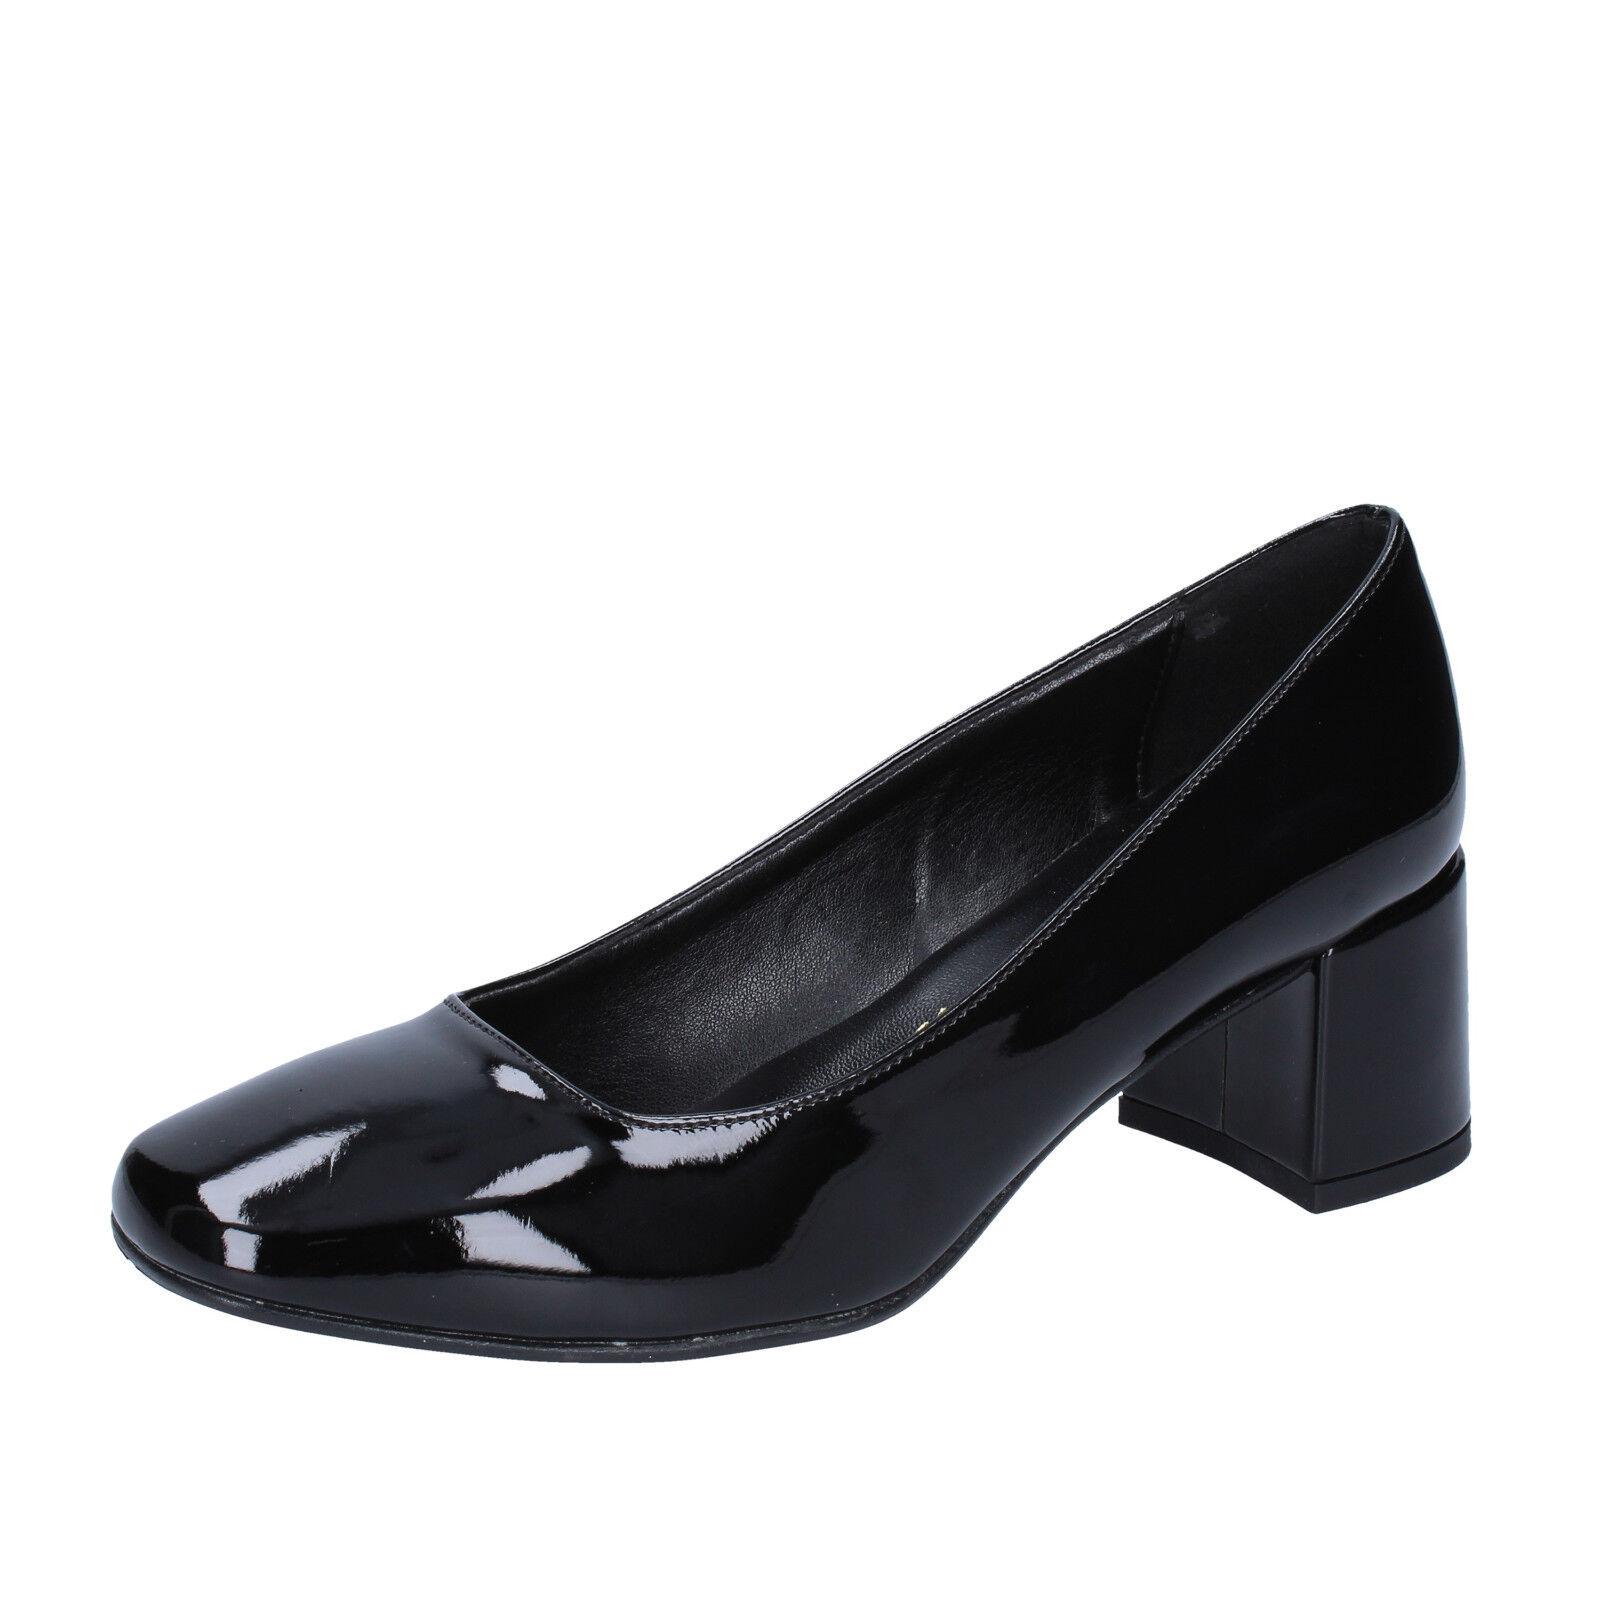 economico e di alta qualità Donna Donna Donna  scarpe OLGA RUBINI 6 (EU 36) pumps nero patent leather BX777-36  sconto di vendita